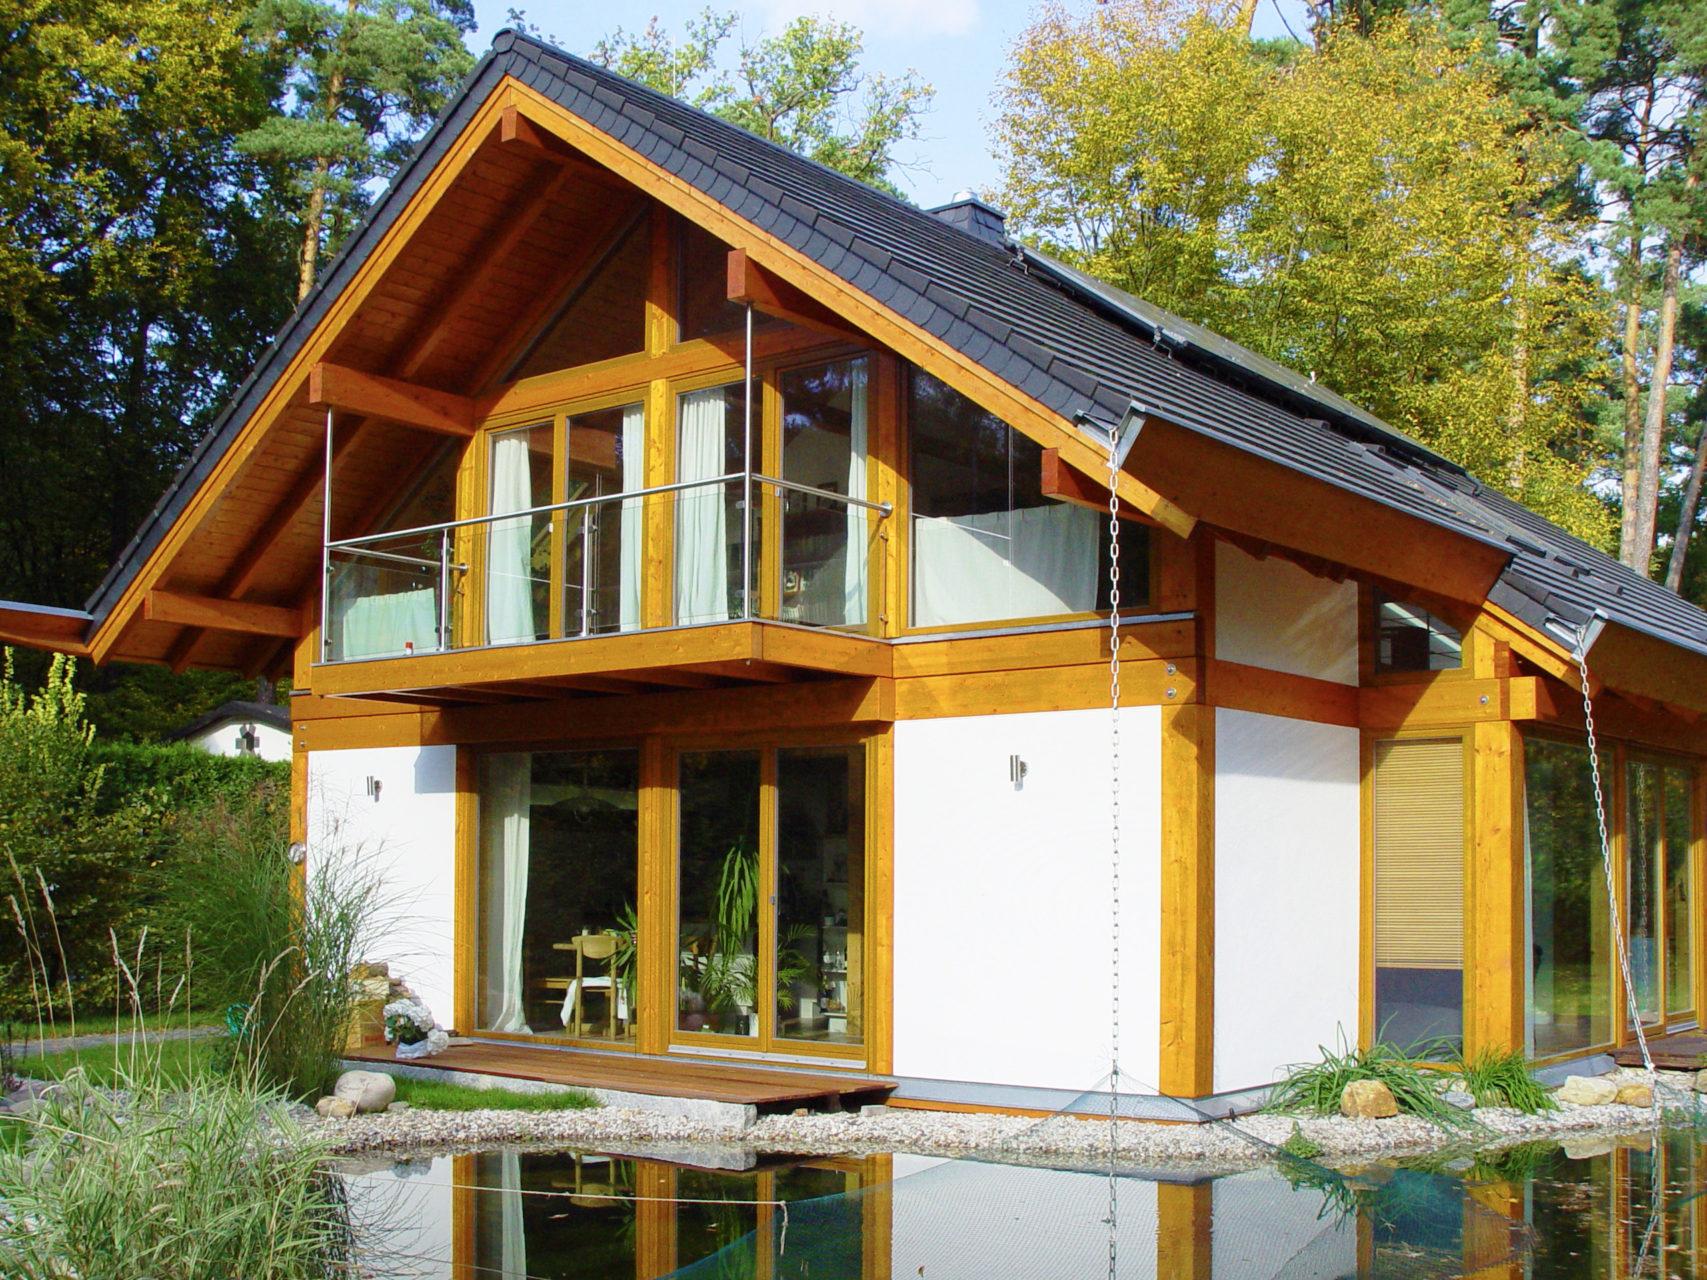 Das landhaus fernab von hektik und alltagstrubel for Modernes landhaus